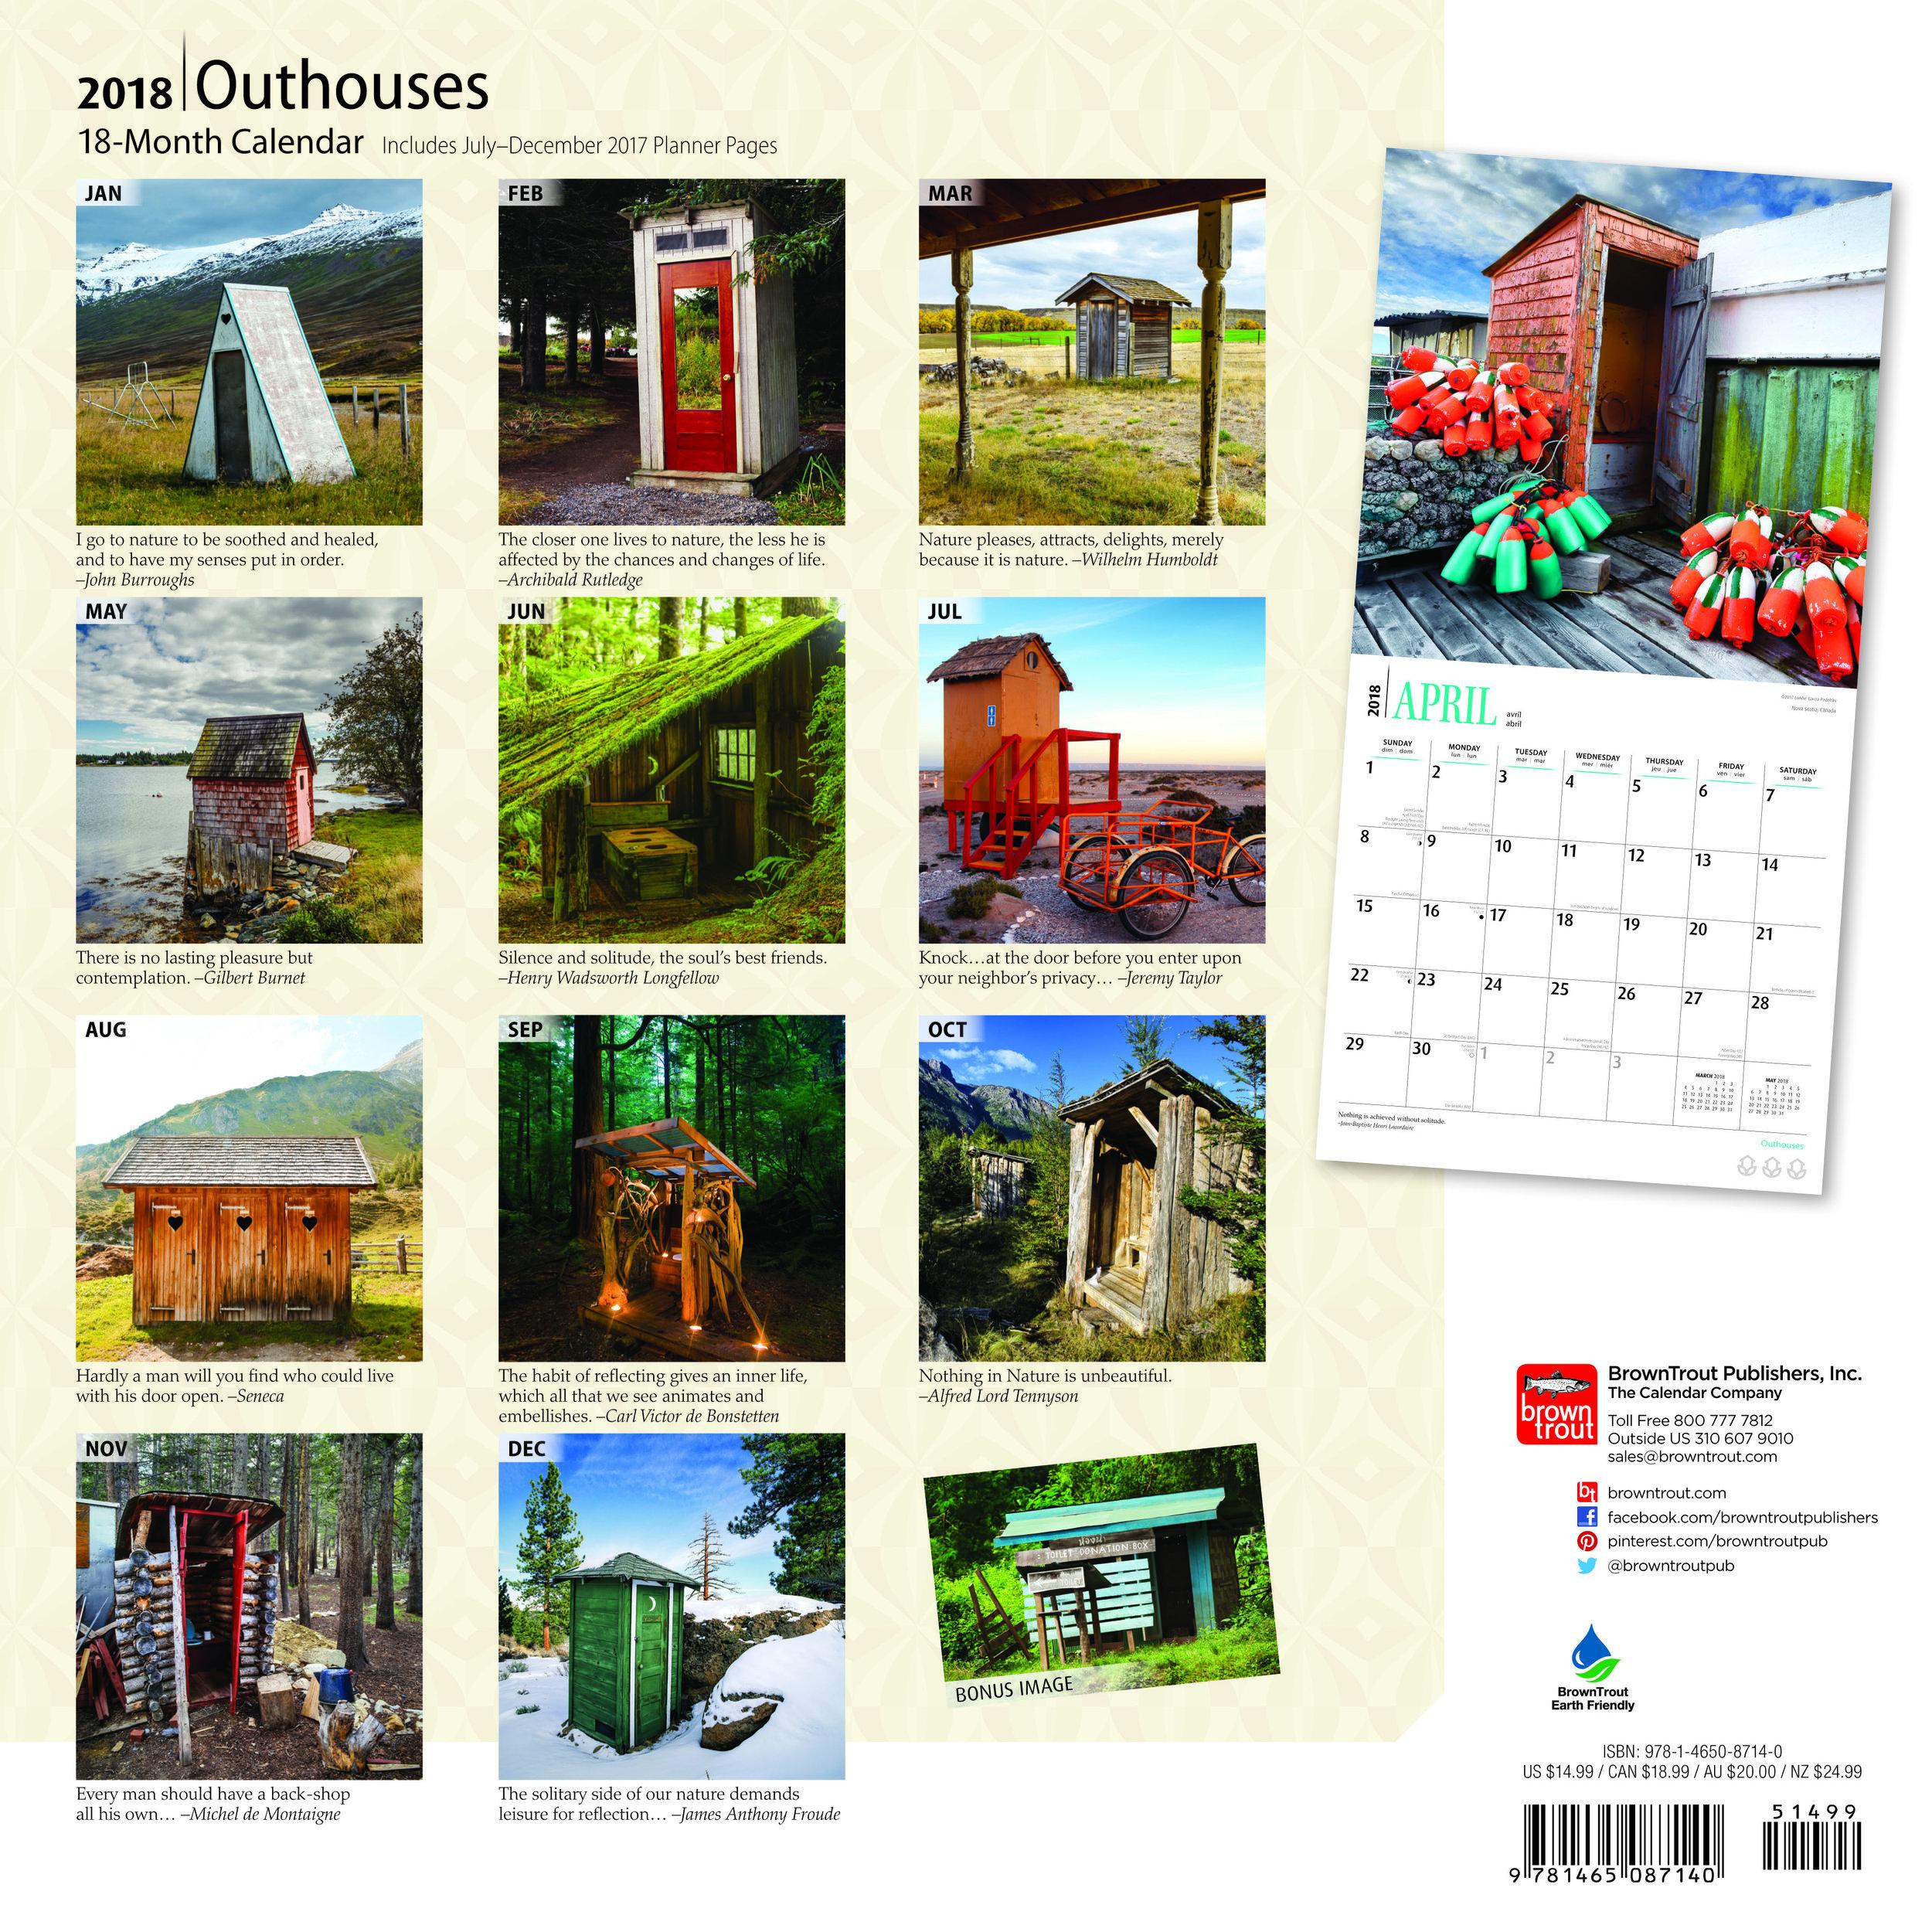 8714-0__Outhouses__BT_12SQ18_v01_BKC.jpg